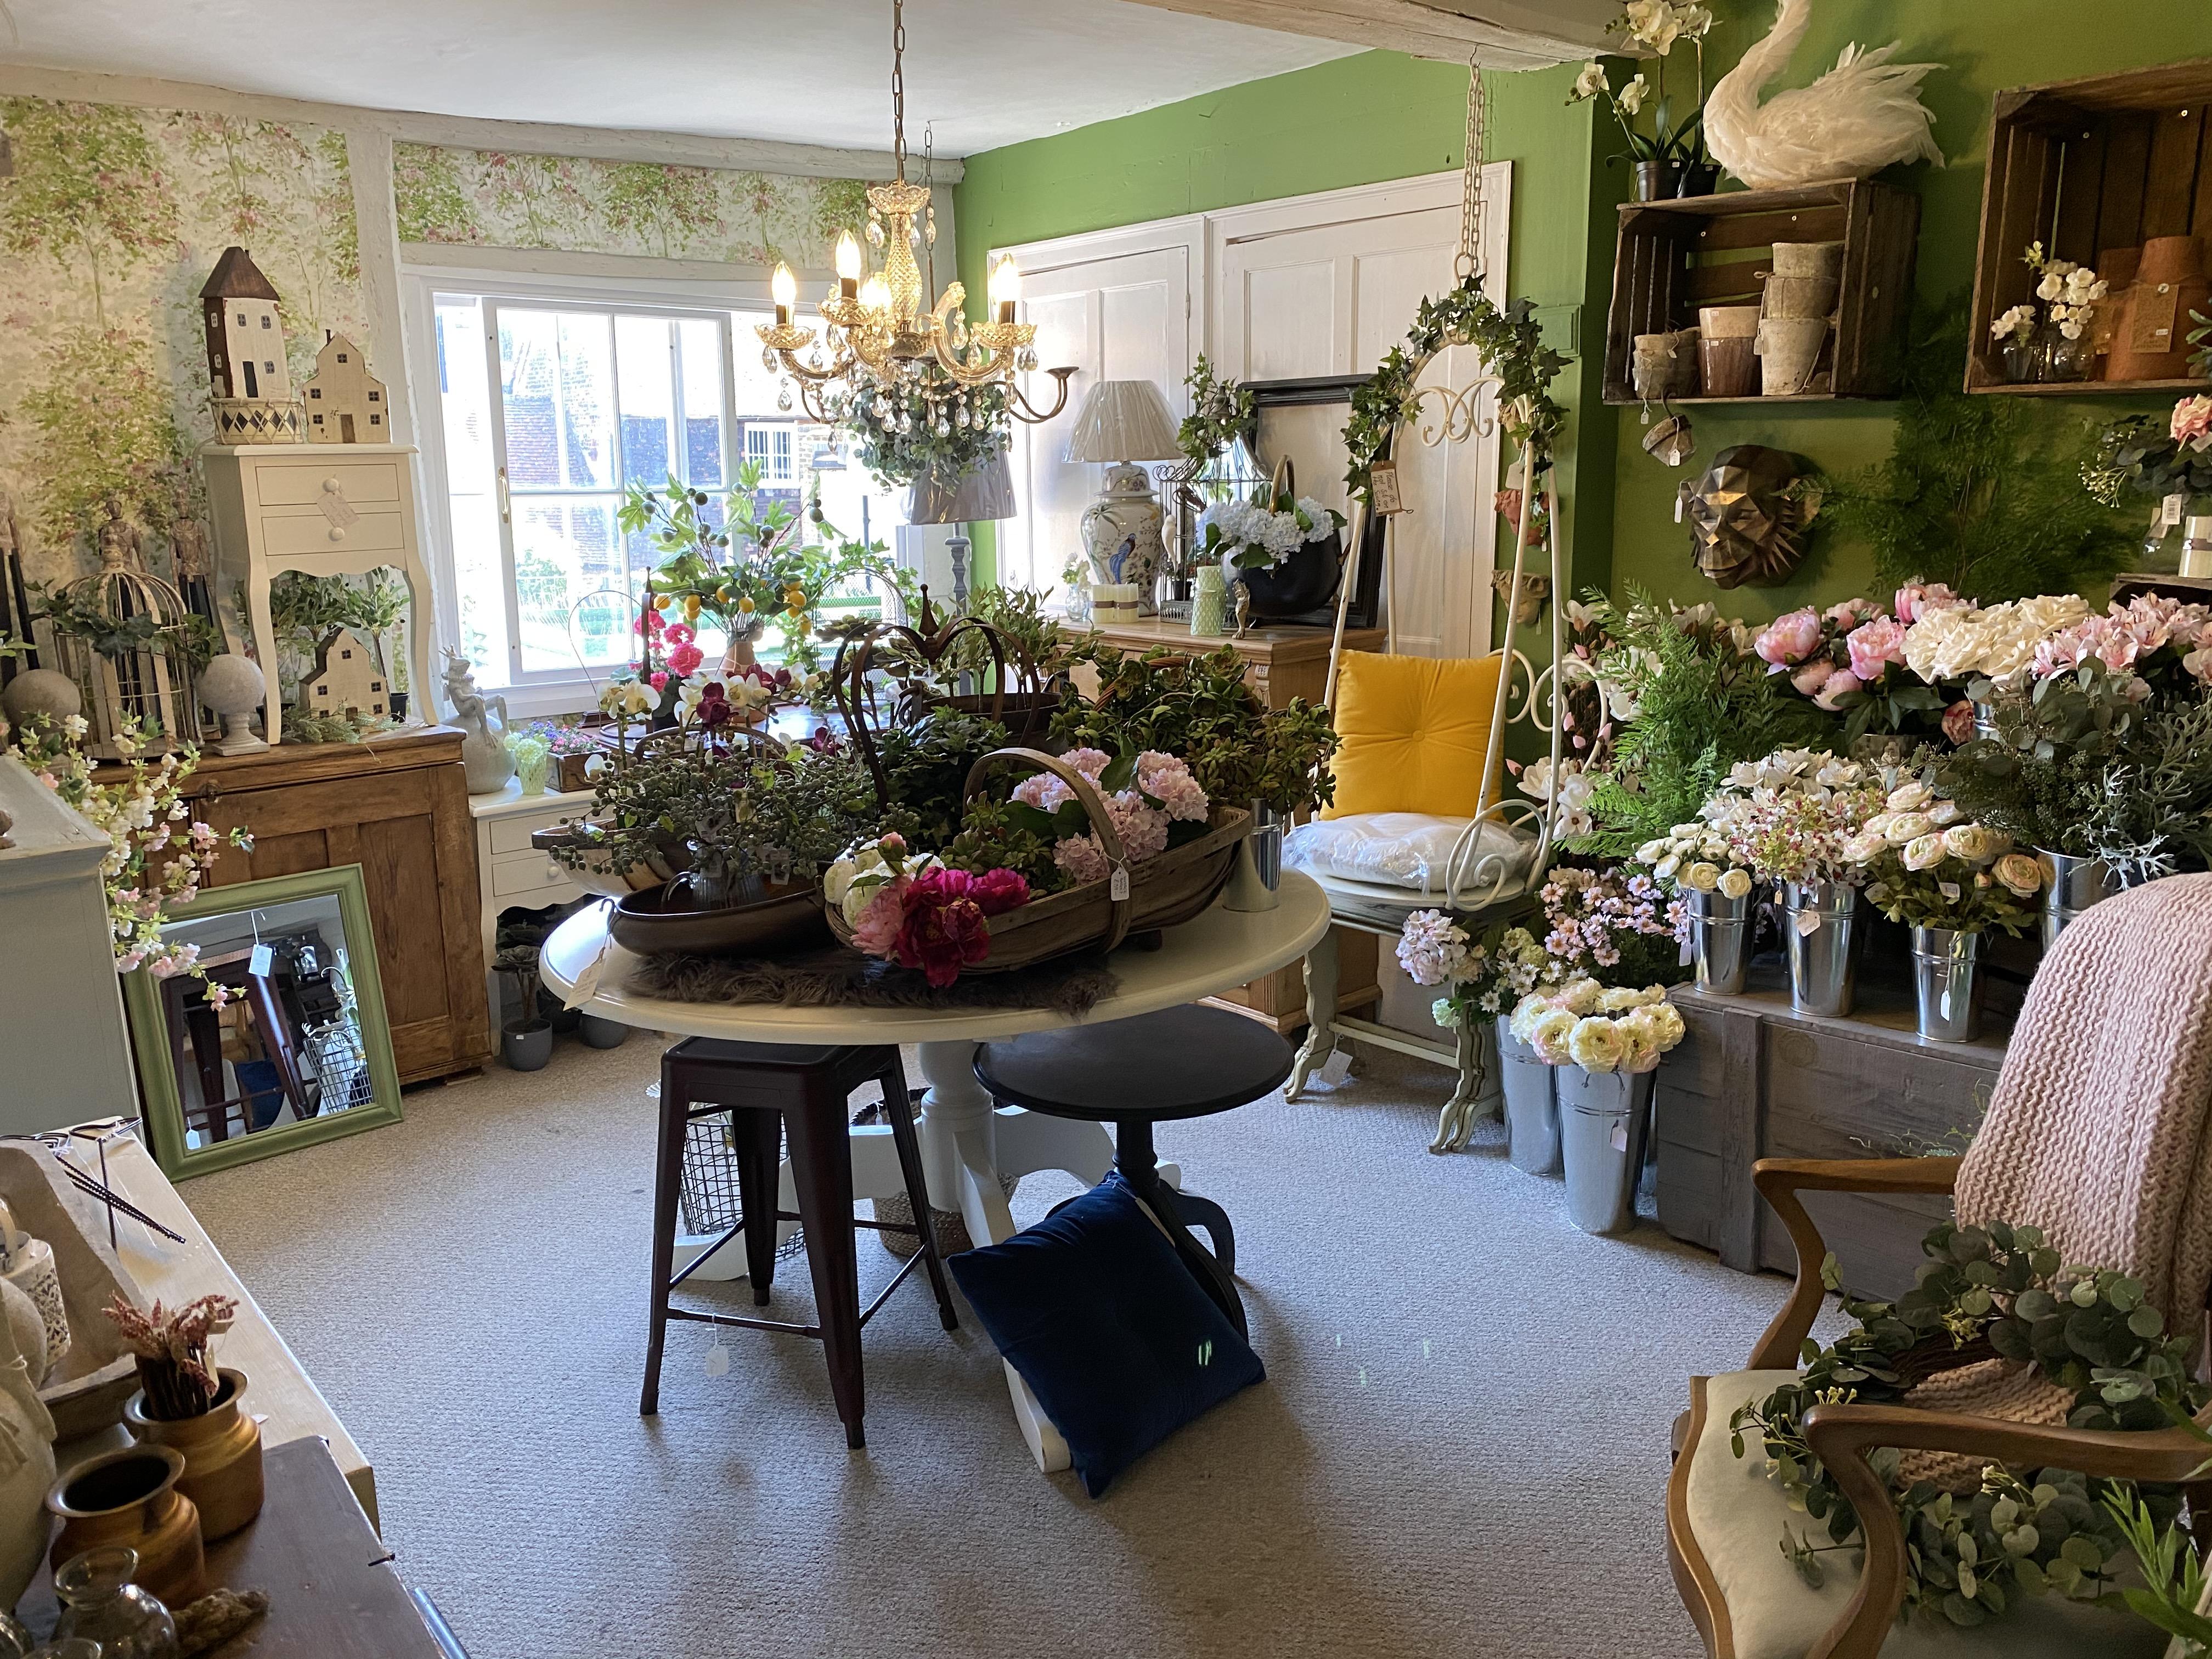 gardenroom2